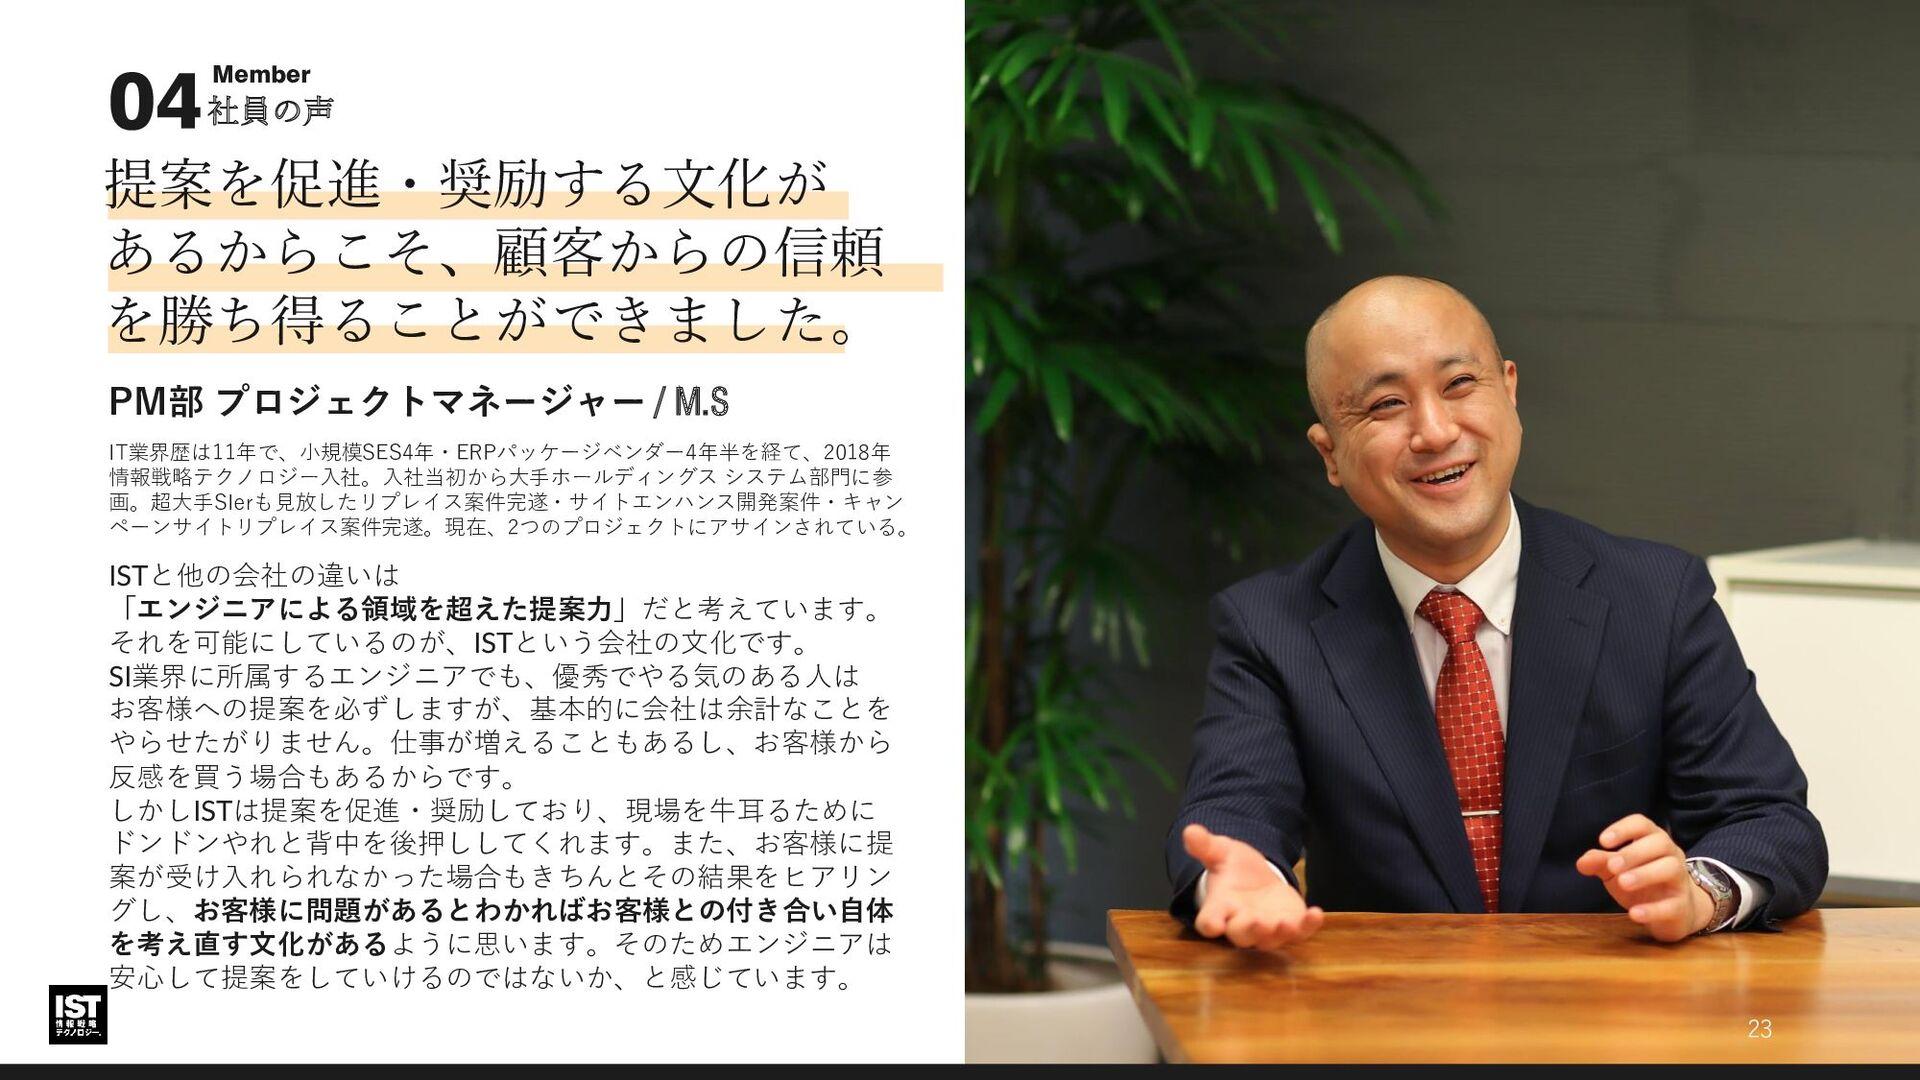 ラインマネジメント 部長/課長/主任 待遇 / キャリアパス 待遇・環境 03 組織マネジメン...